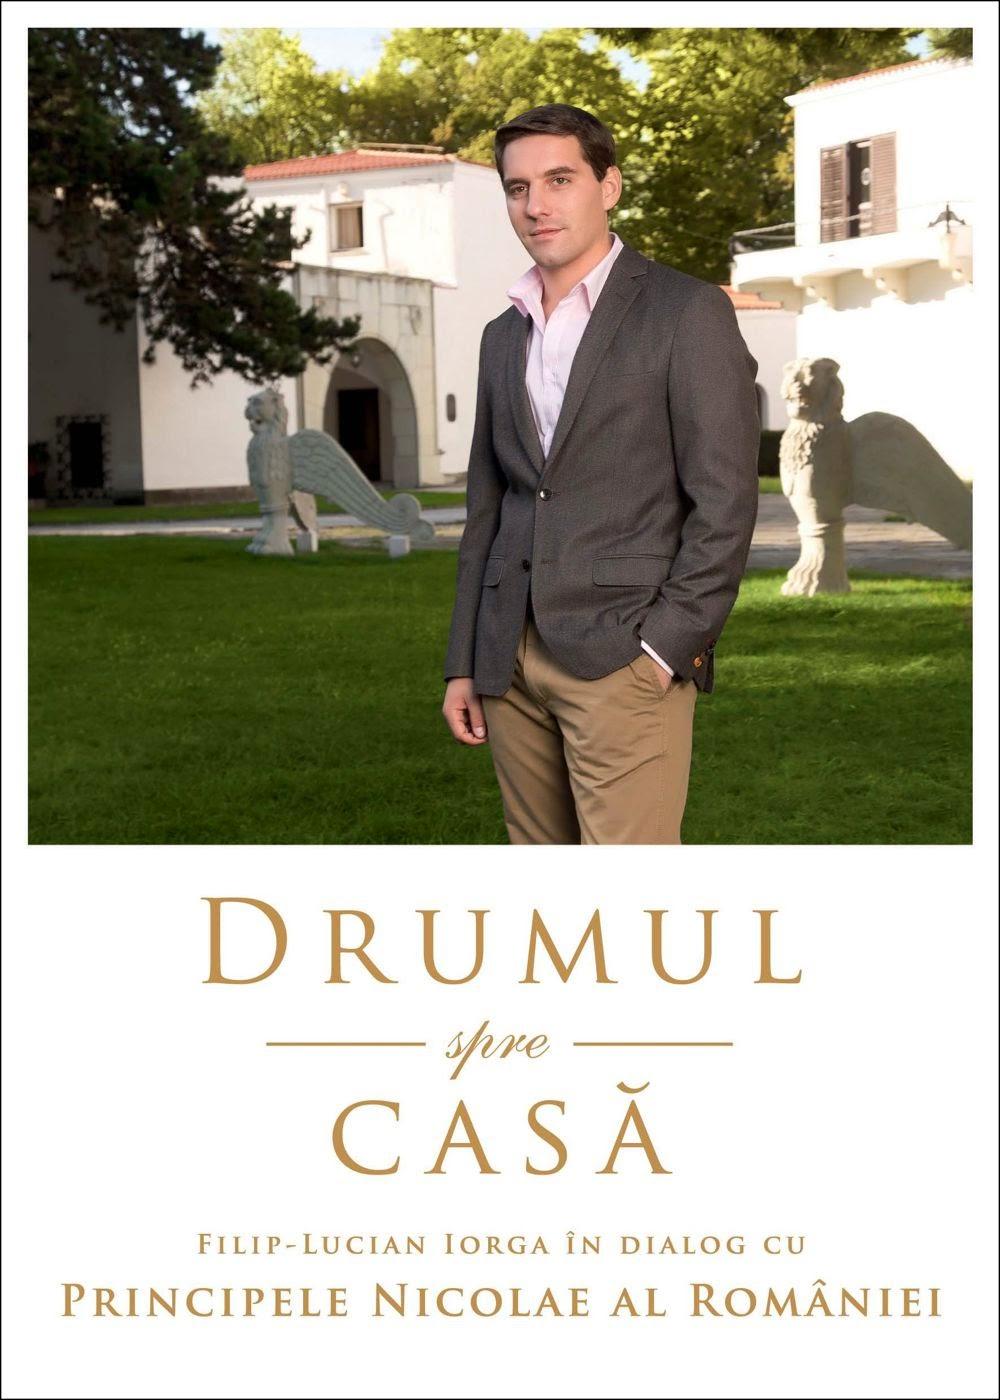 O nouă carte regală: Drumul spre casă - Filip-Lucian Iorga în dialog cu Principele Nicolae al României